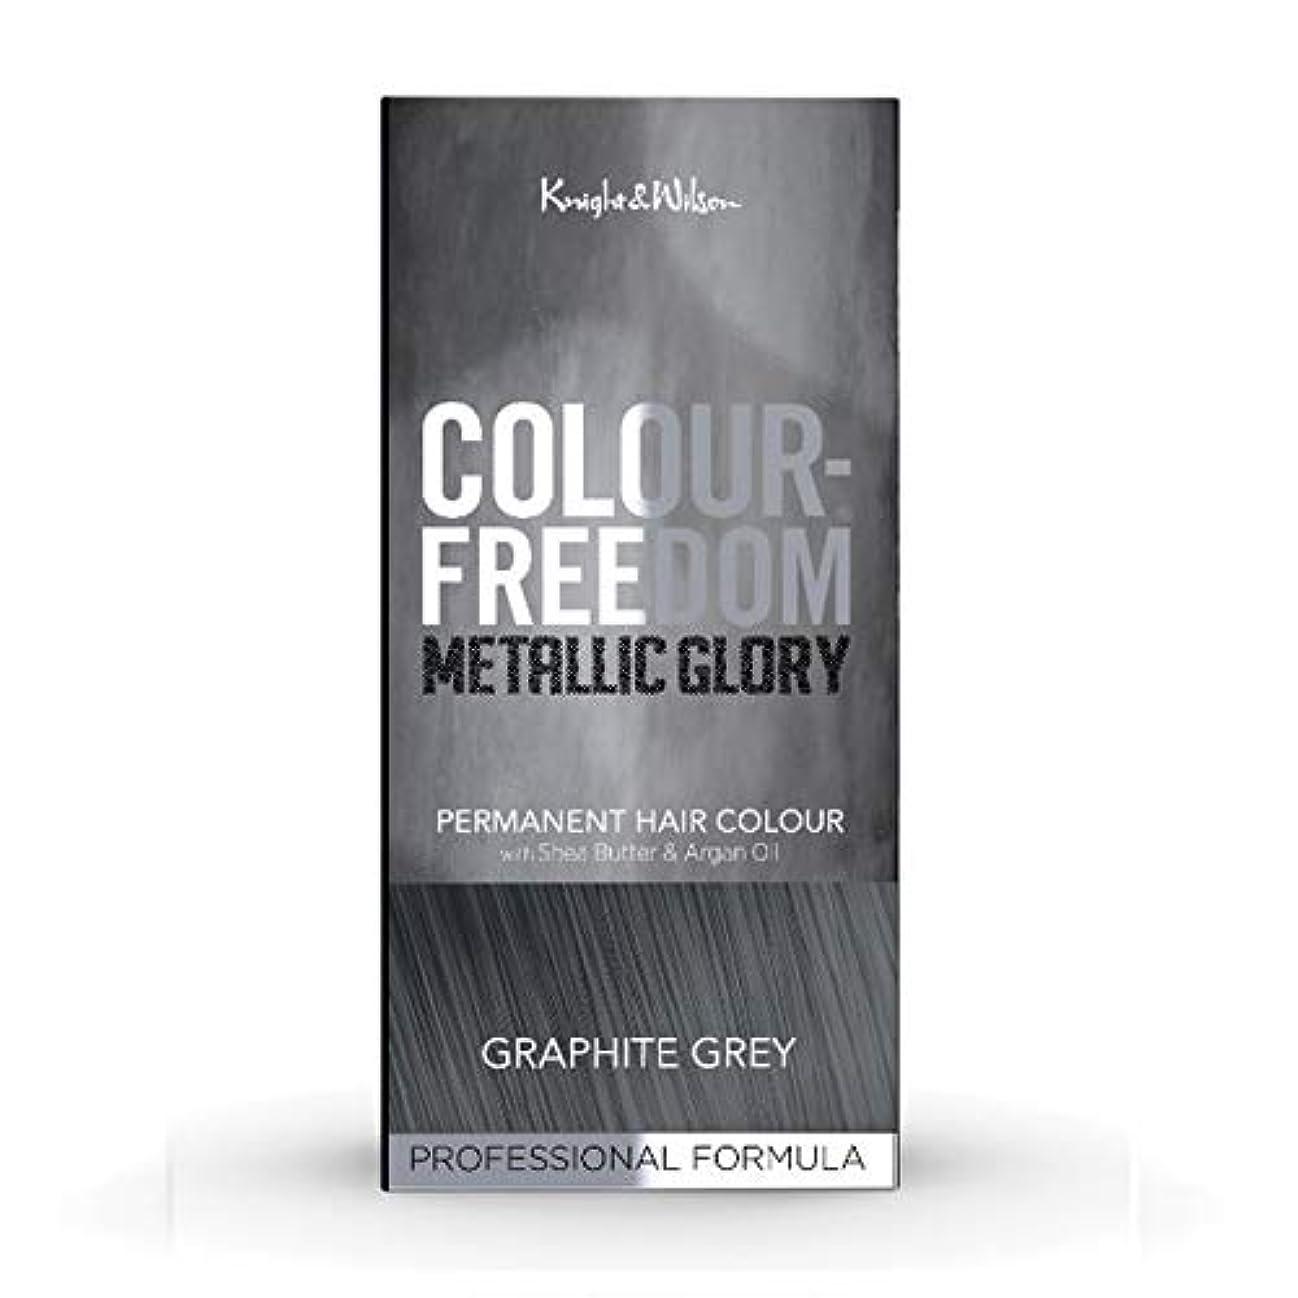 細心のヒープカフェテリア[Colour Freedom ] 色自由金属栄光グラファイトグレー617 - Colour Freedom Metallic Glory Graphite Grey 617 [並行輸入品]